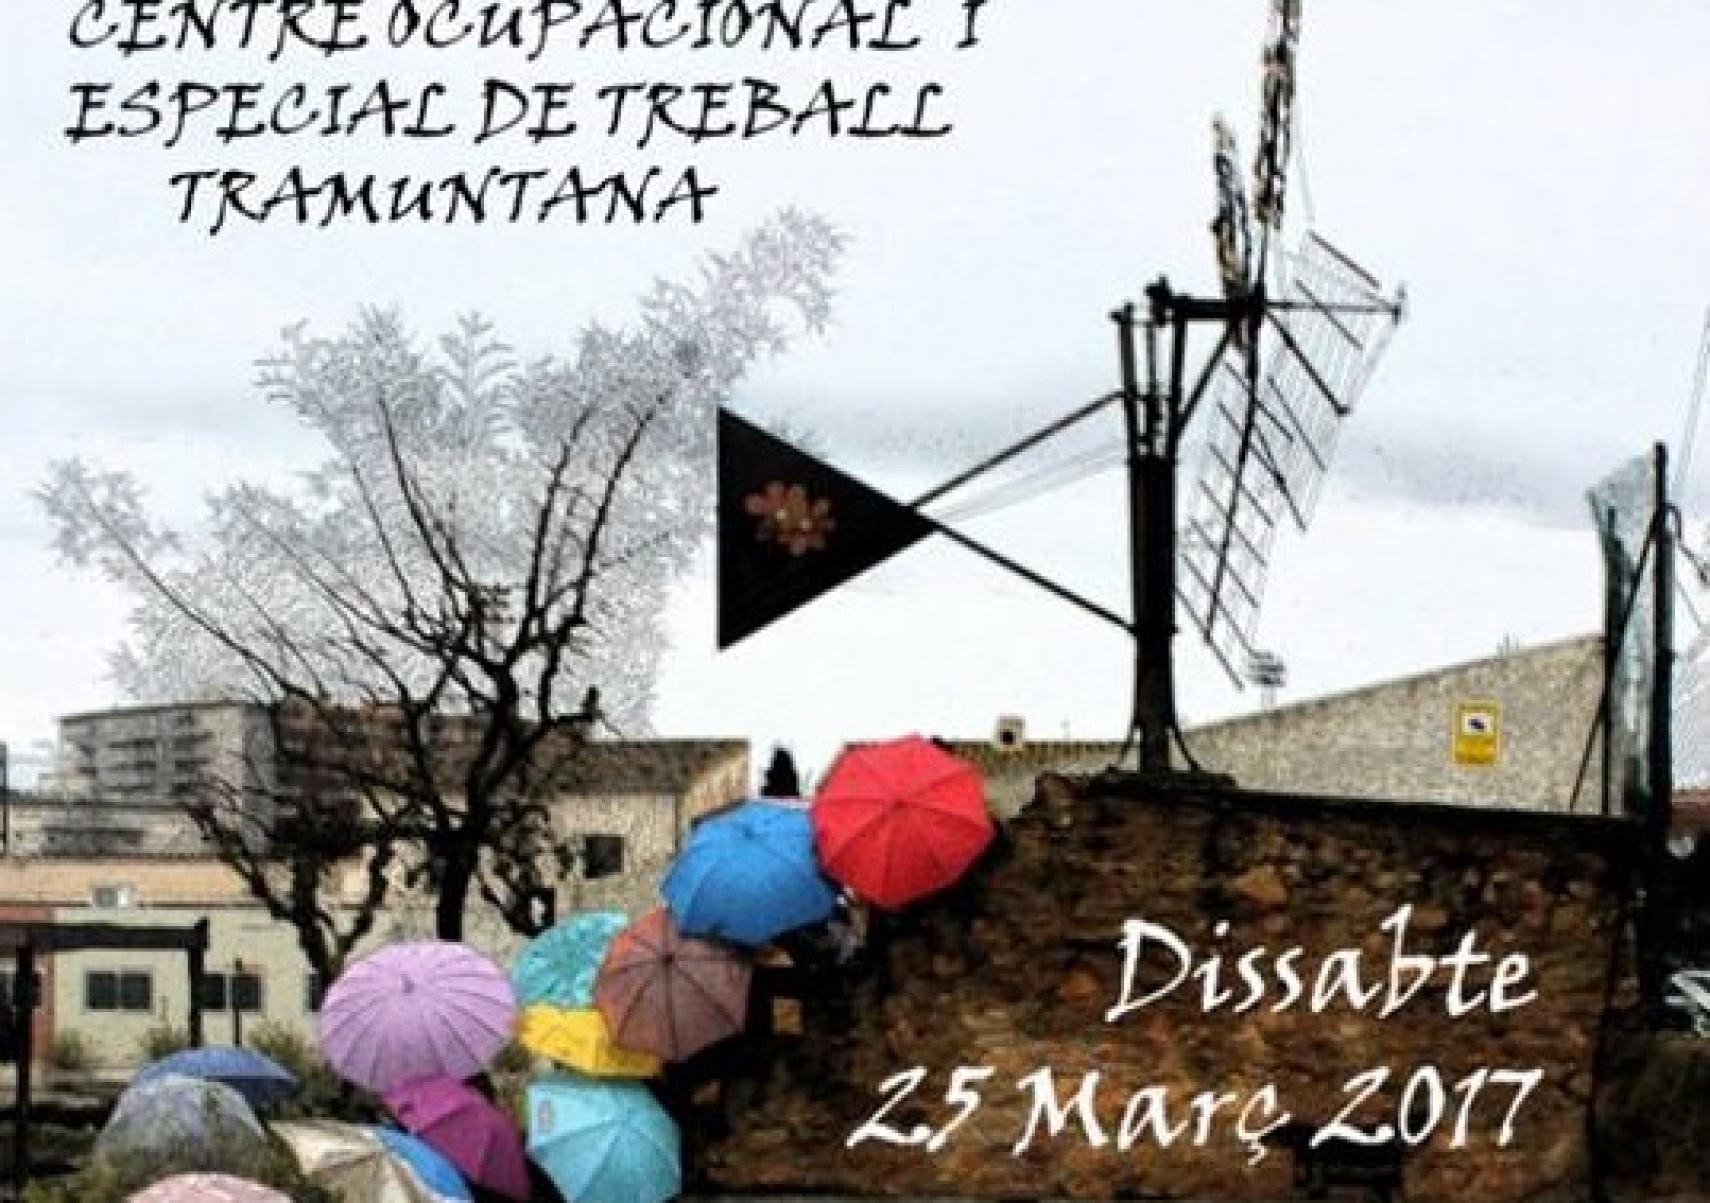 30é aniversari Centre especial i d'ocupacio Tramuntana